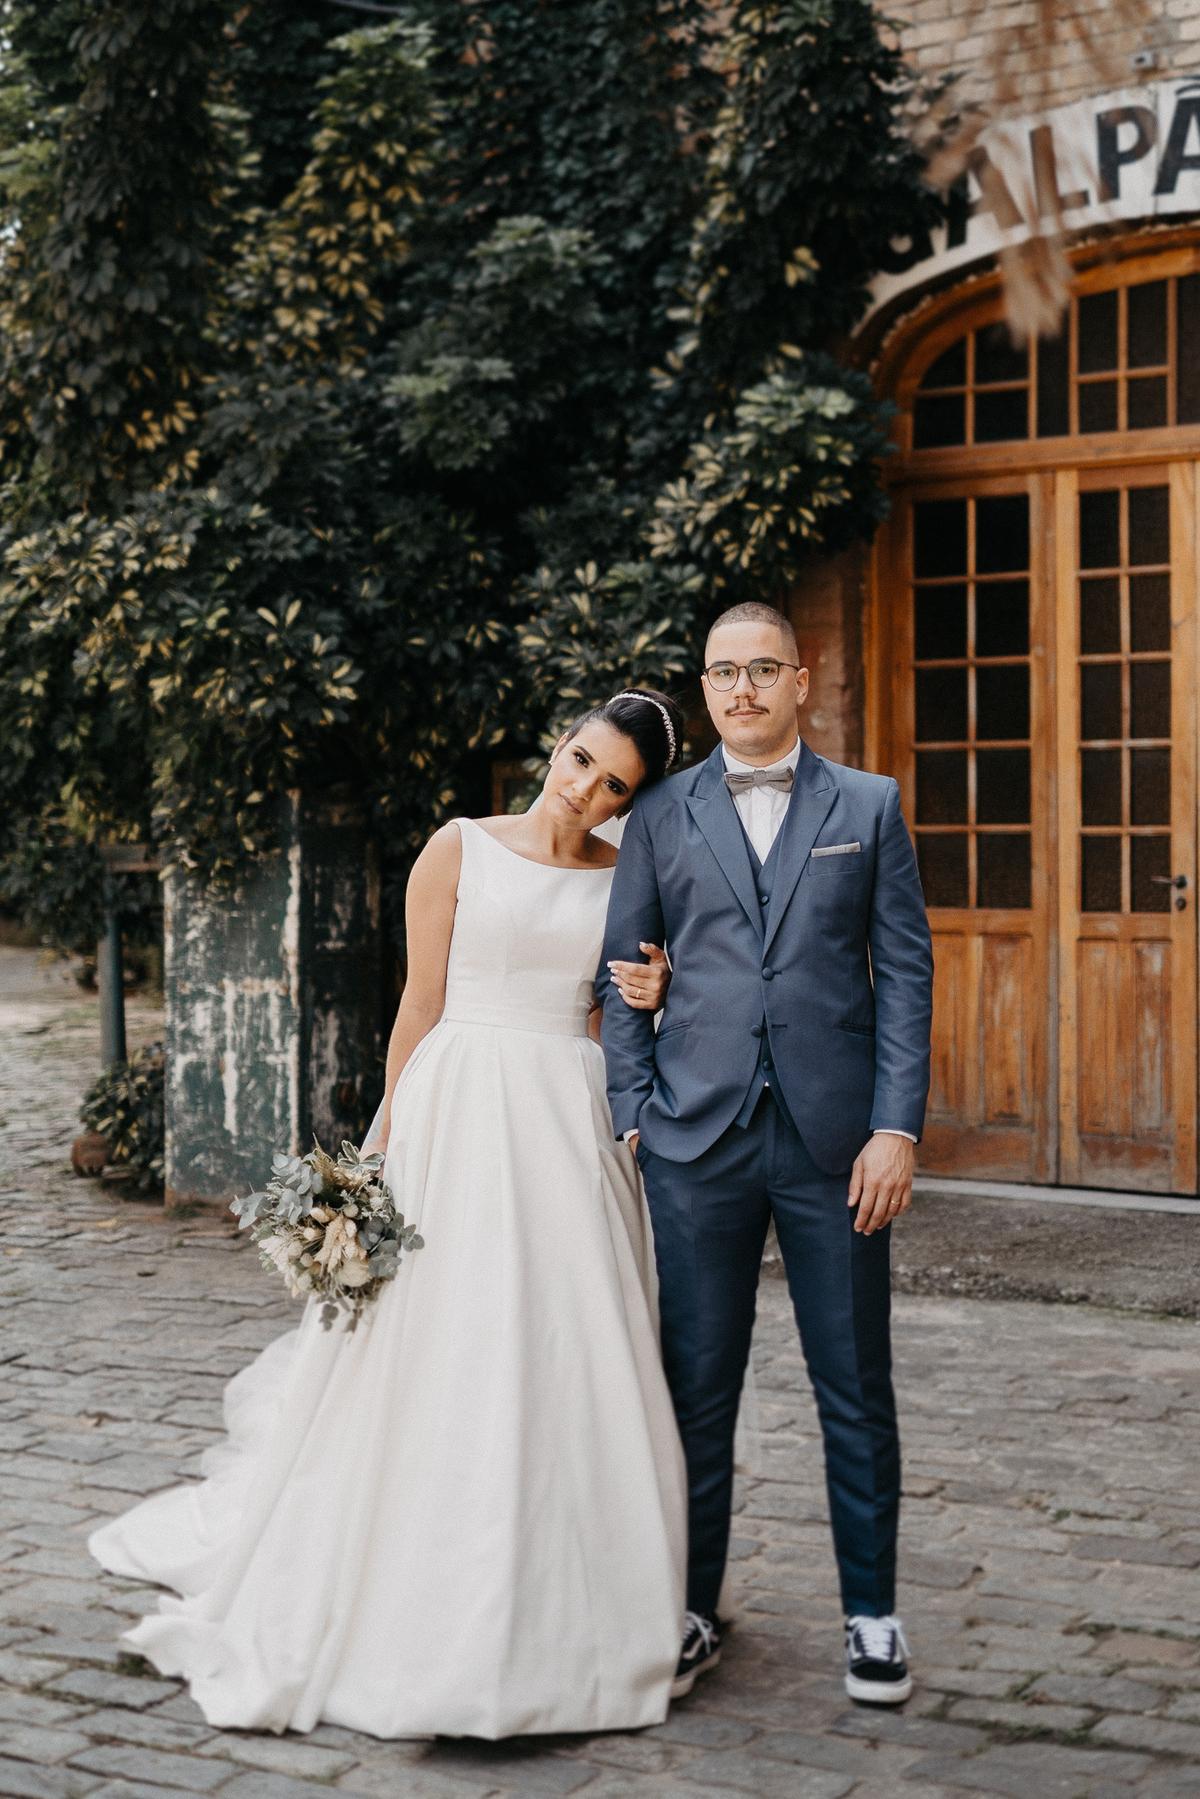 elopement casamentos no campo casar na fazenda inspiracao de casamento vestido de noiva minimalista mini wedding fotos por caio henrique